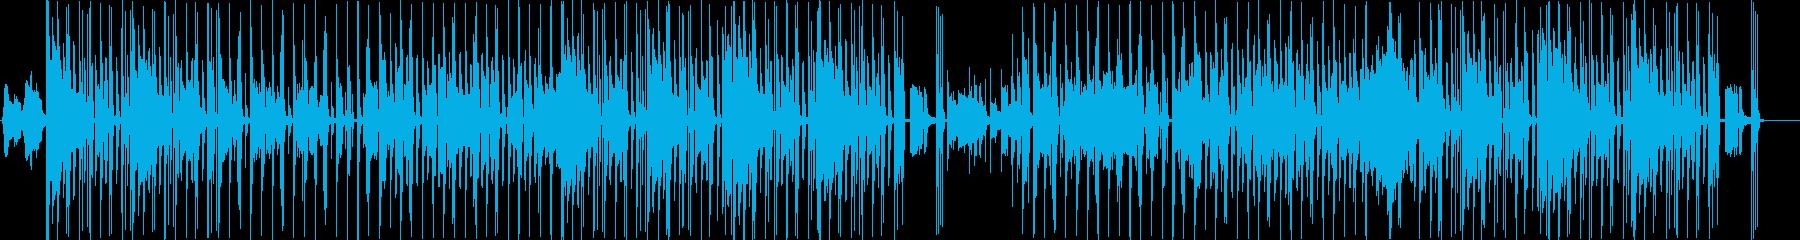 PV】カートゥーンっぽいコミカルなジャズの再生済みの波形